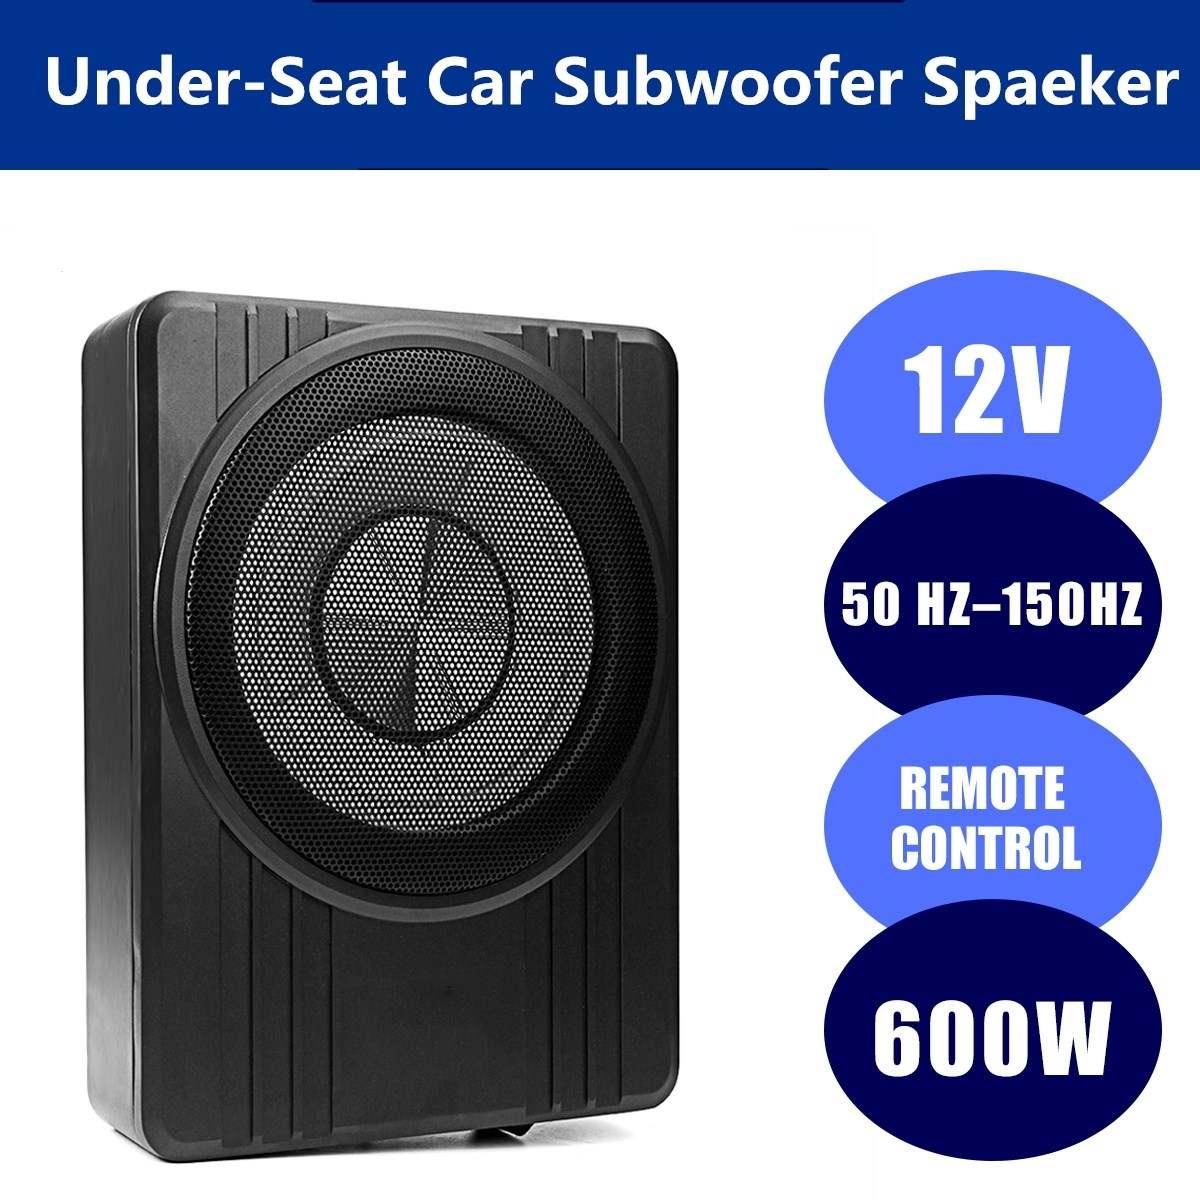 10 дюймов 600 Вт автомобильный усилитель сабвуферов тонкий под сиденьем автомобильный динамик s активный сабвуфер для автомобиля бас-усилите...